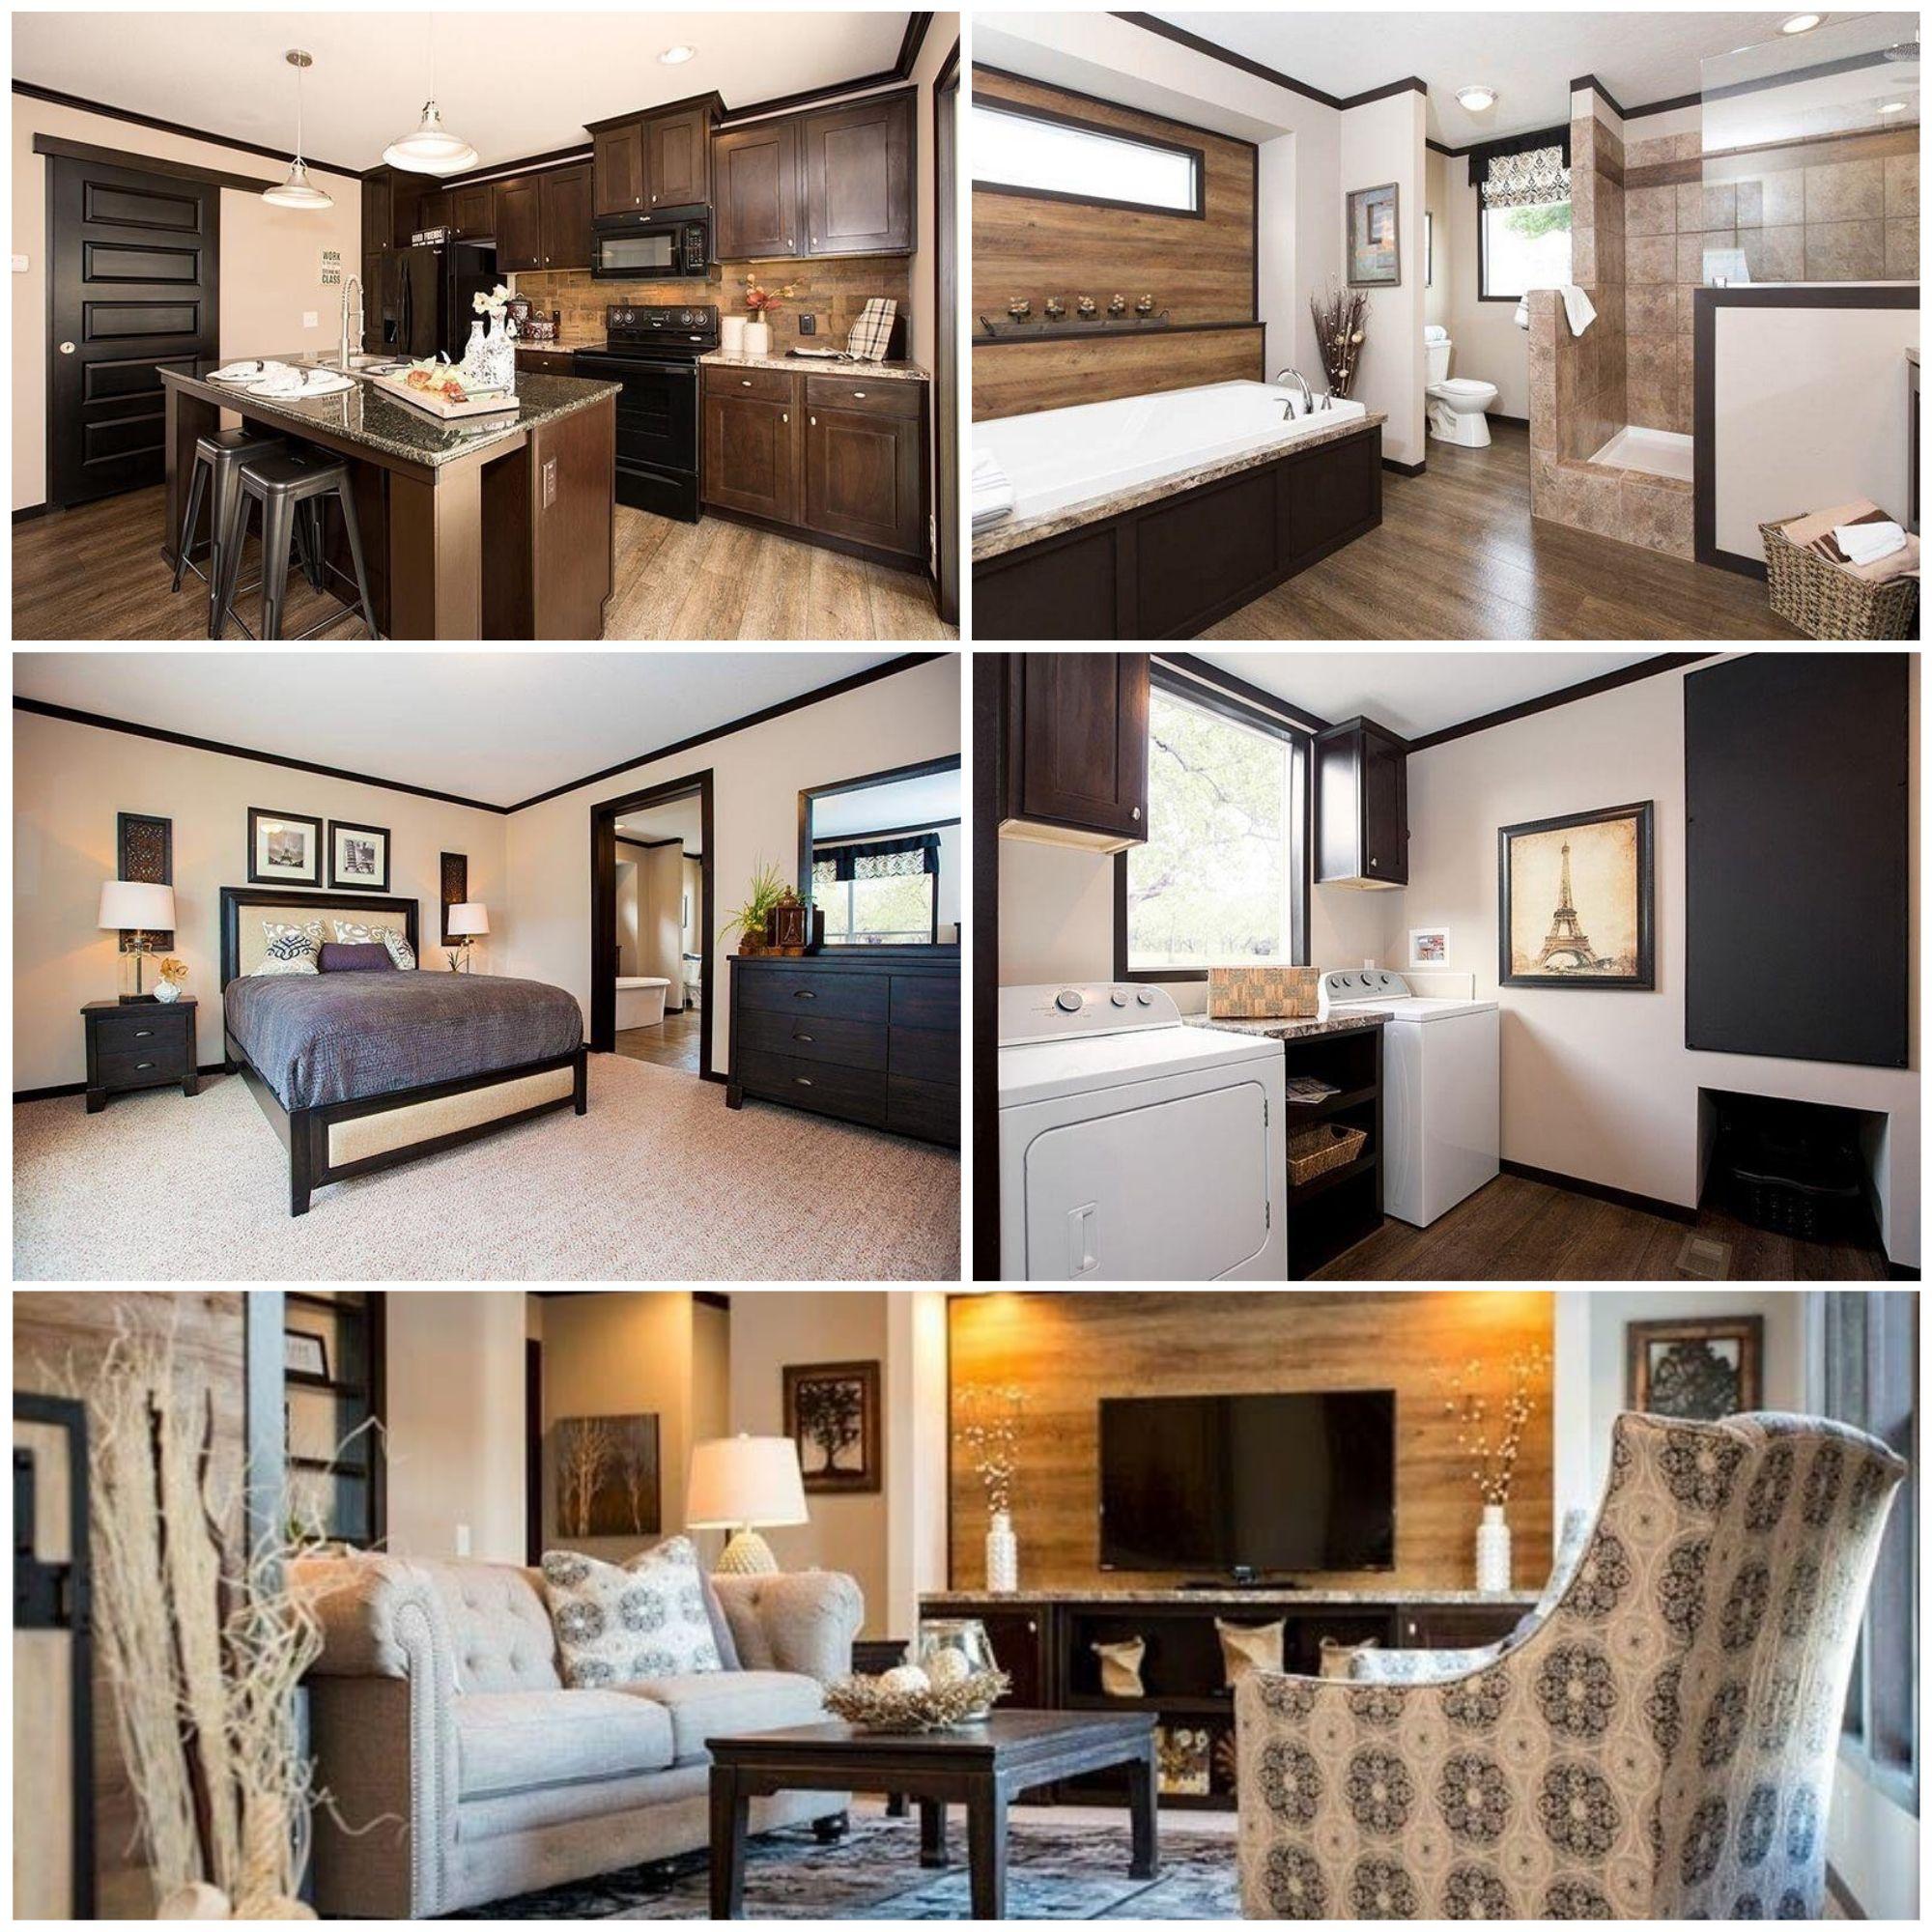 Cmh Patriot Par28563a 3 Bedroom Double Wide For Sale Home The Patriot Mobile Home Mobile Home